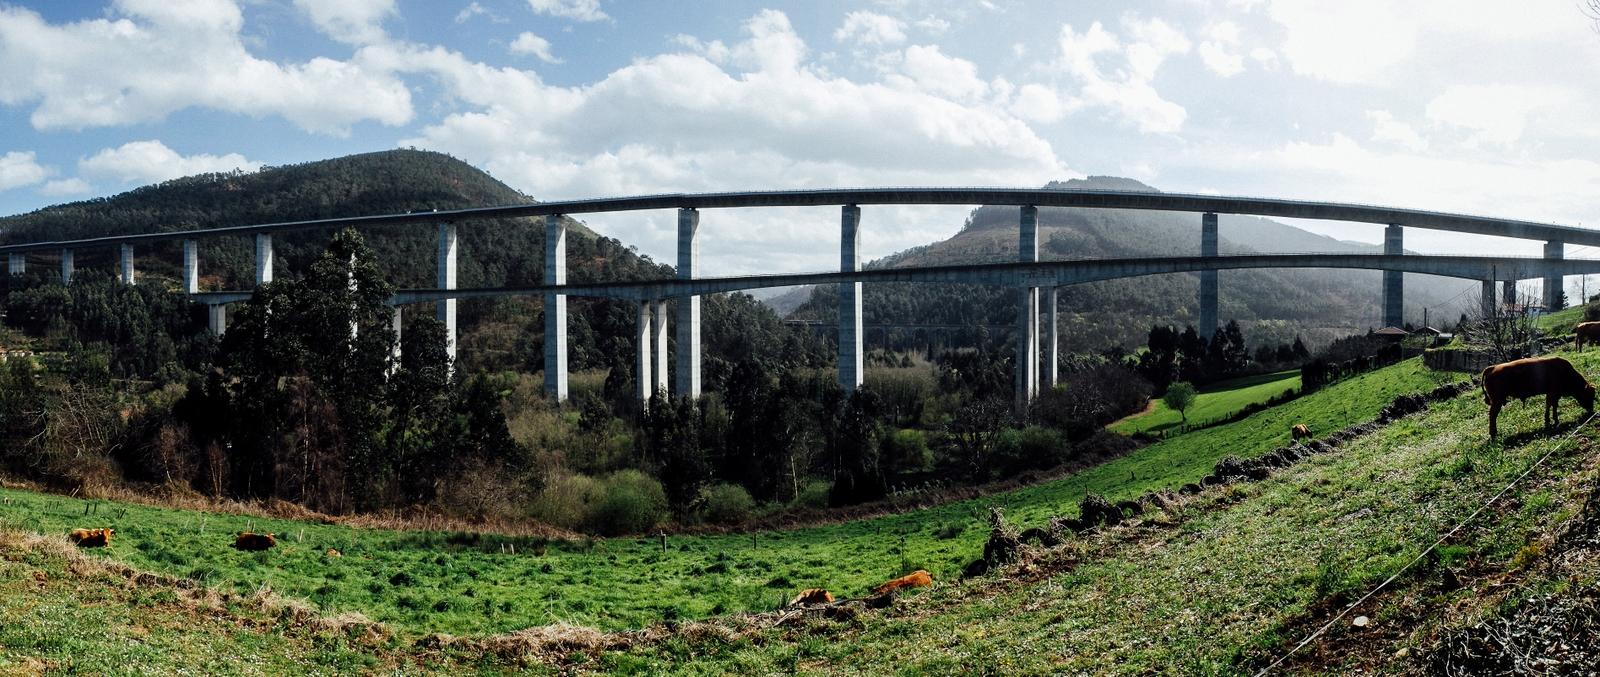 Jakobsweg - Camino del Norte (287)